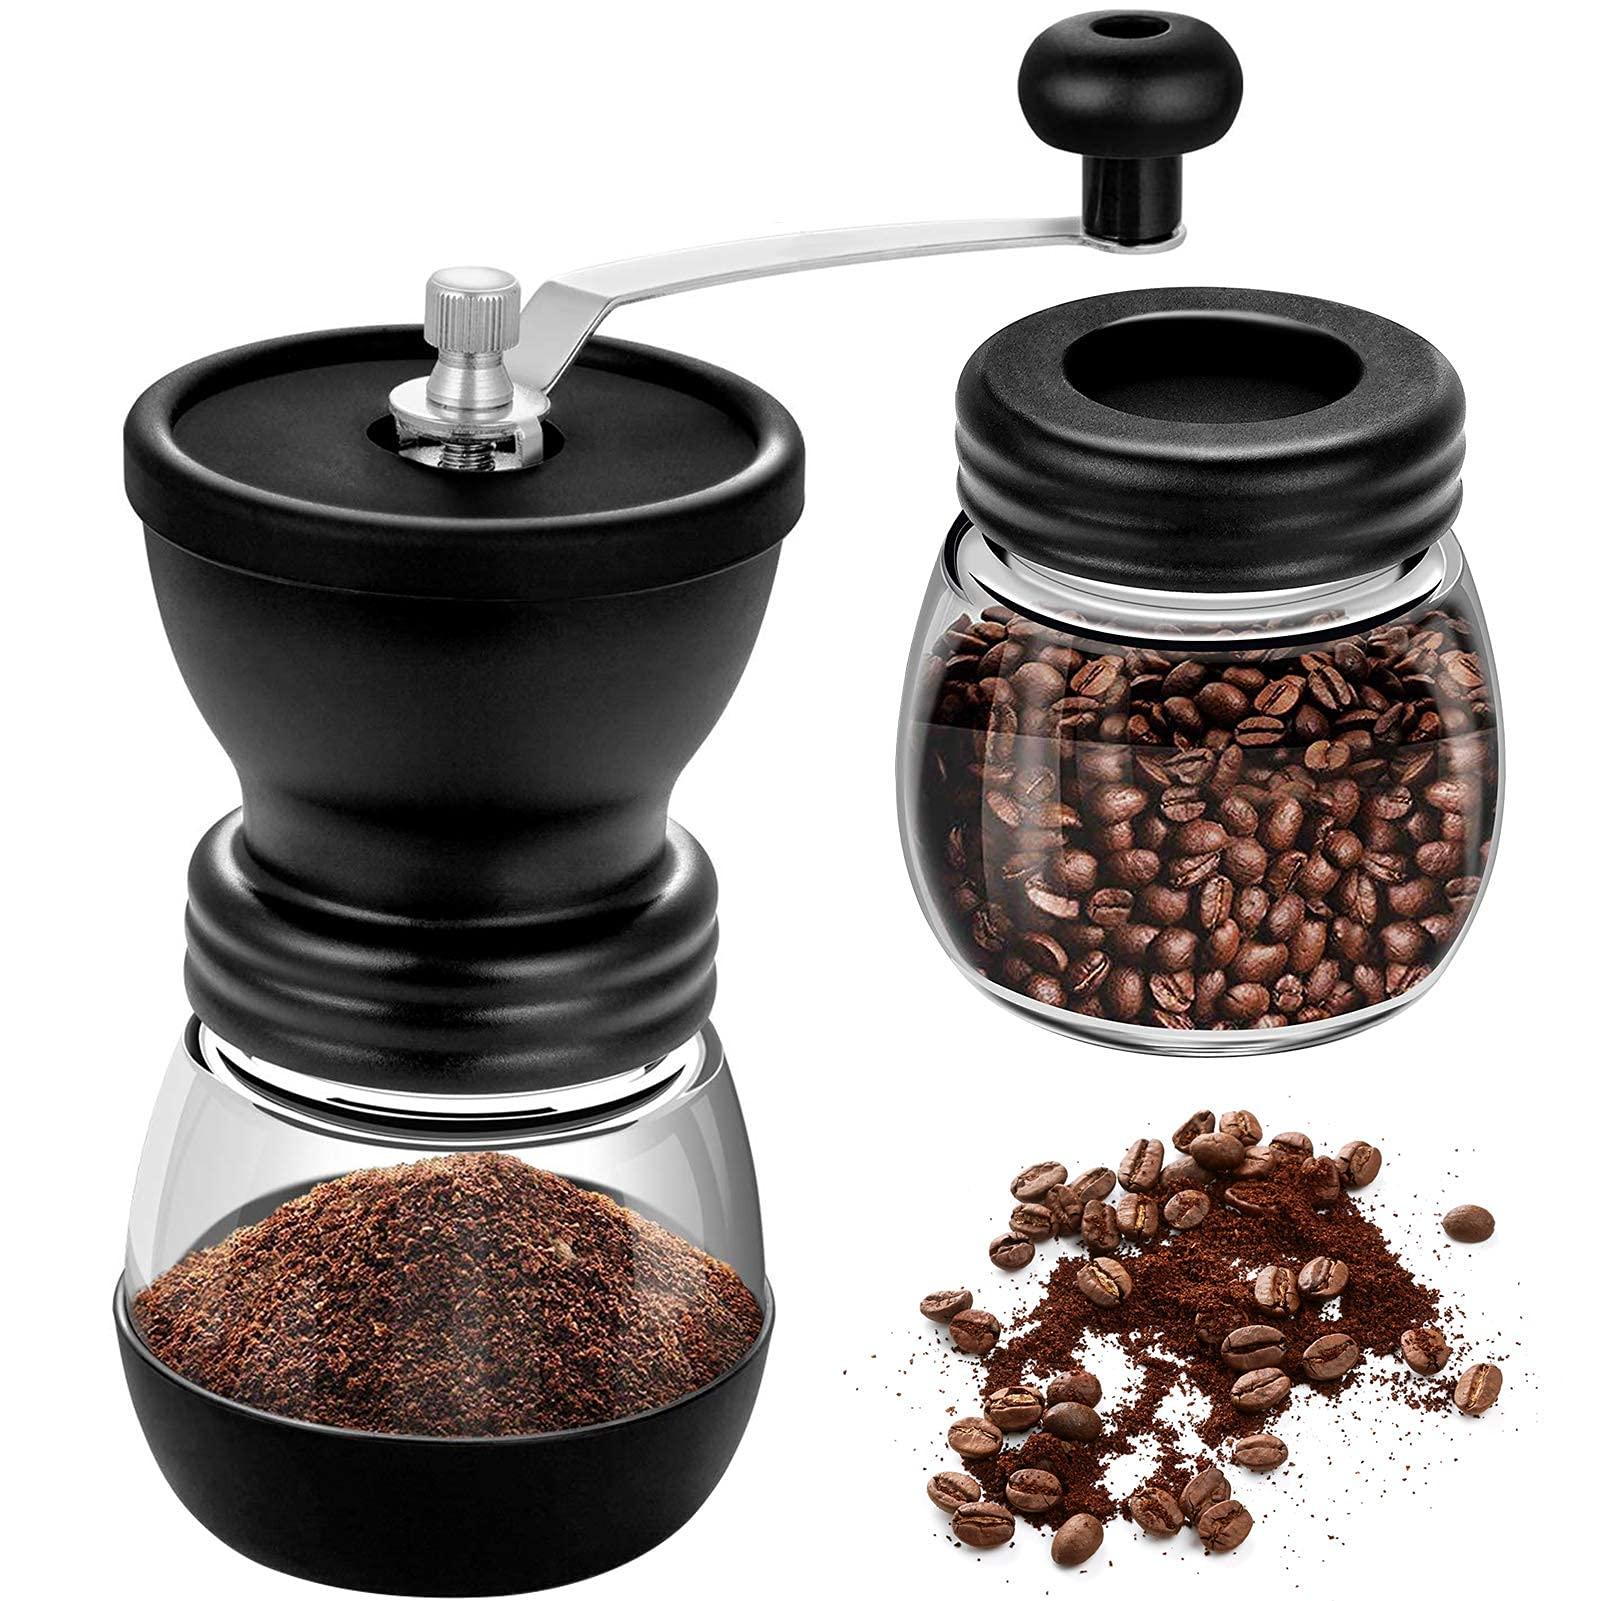 THNMK Manual Coffee Bean GrinderManual Coffee Grinder with Ceramic BurrsAdjustable Hand Grind